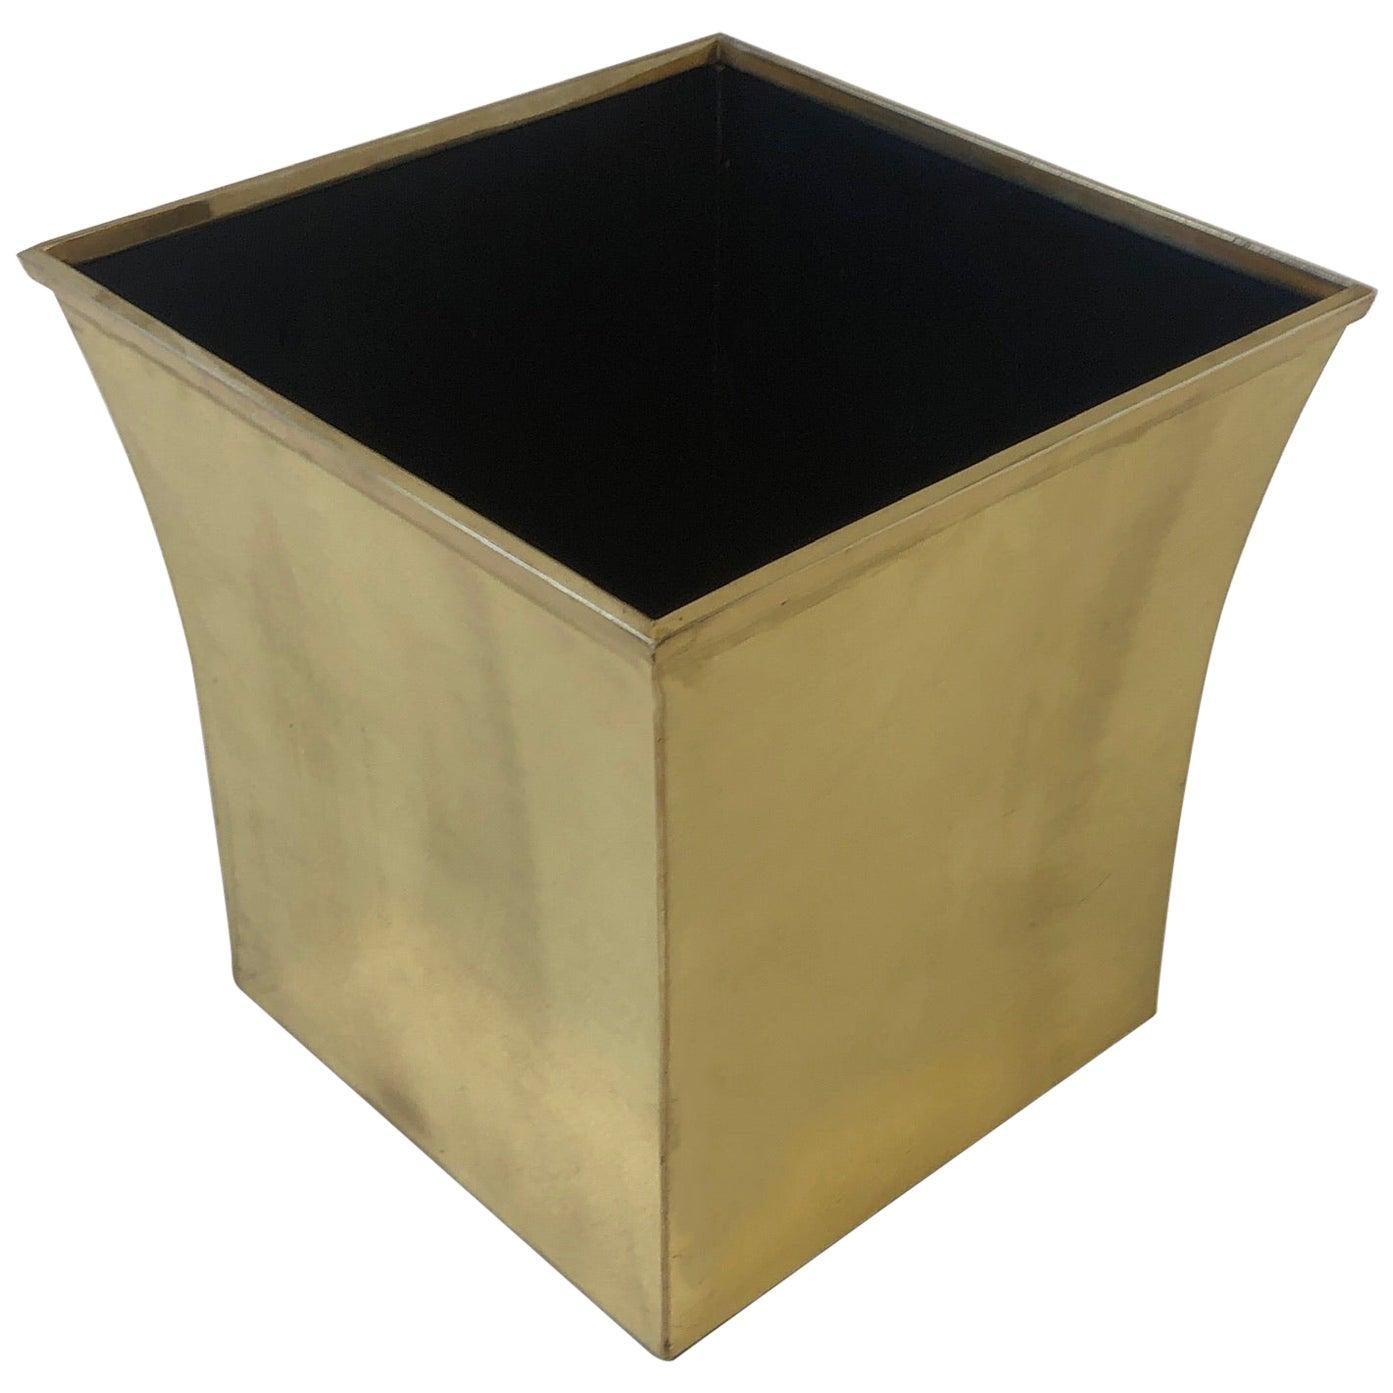 Polished Brass Wastebasket by Karl Springer